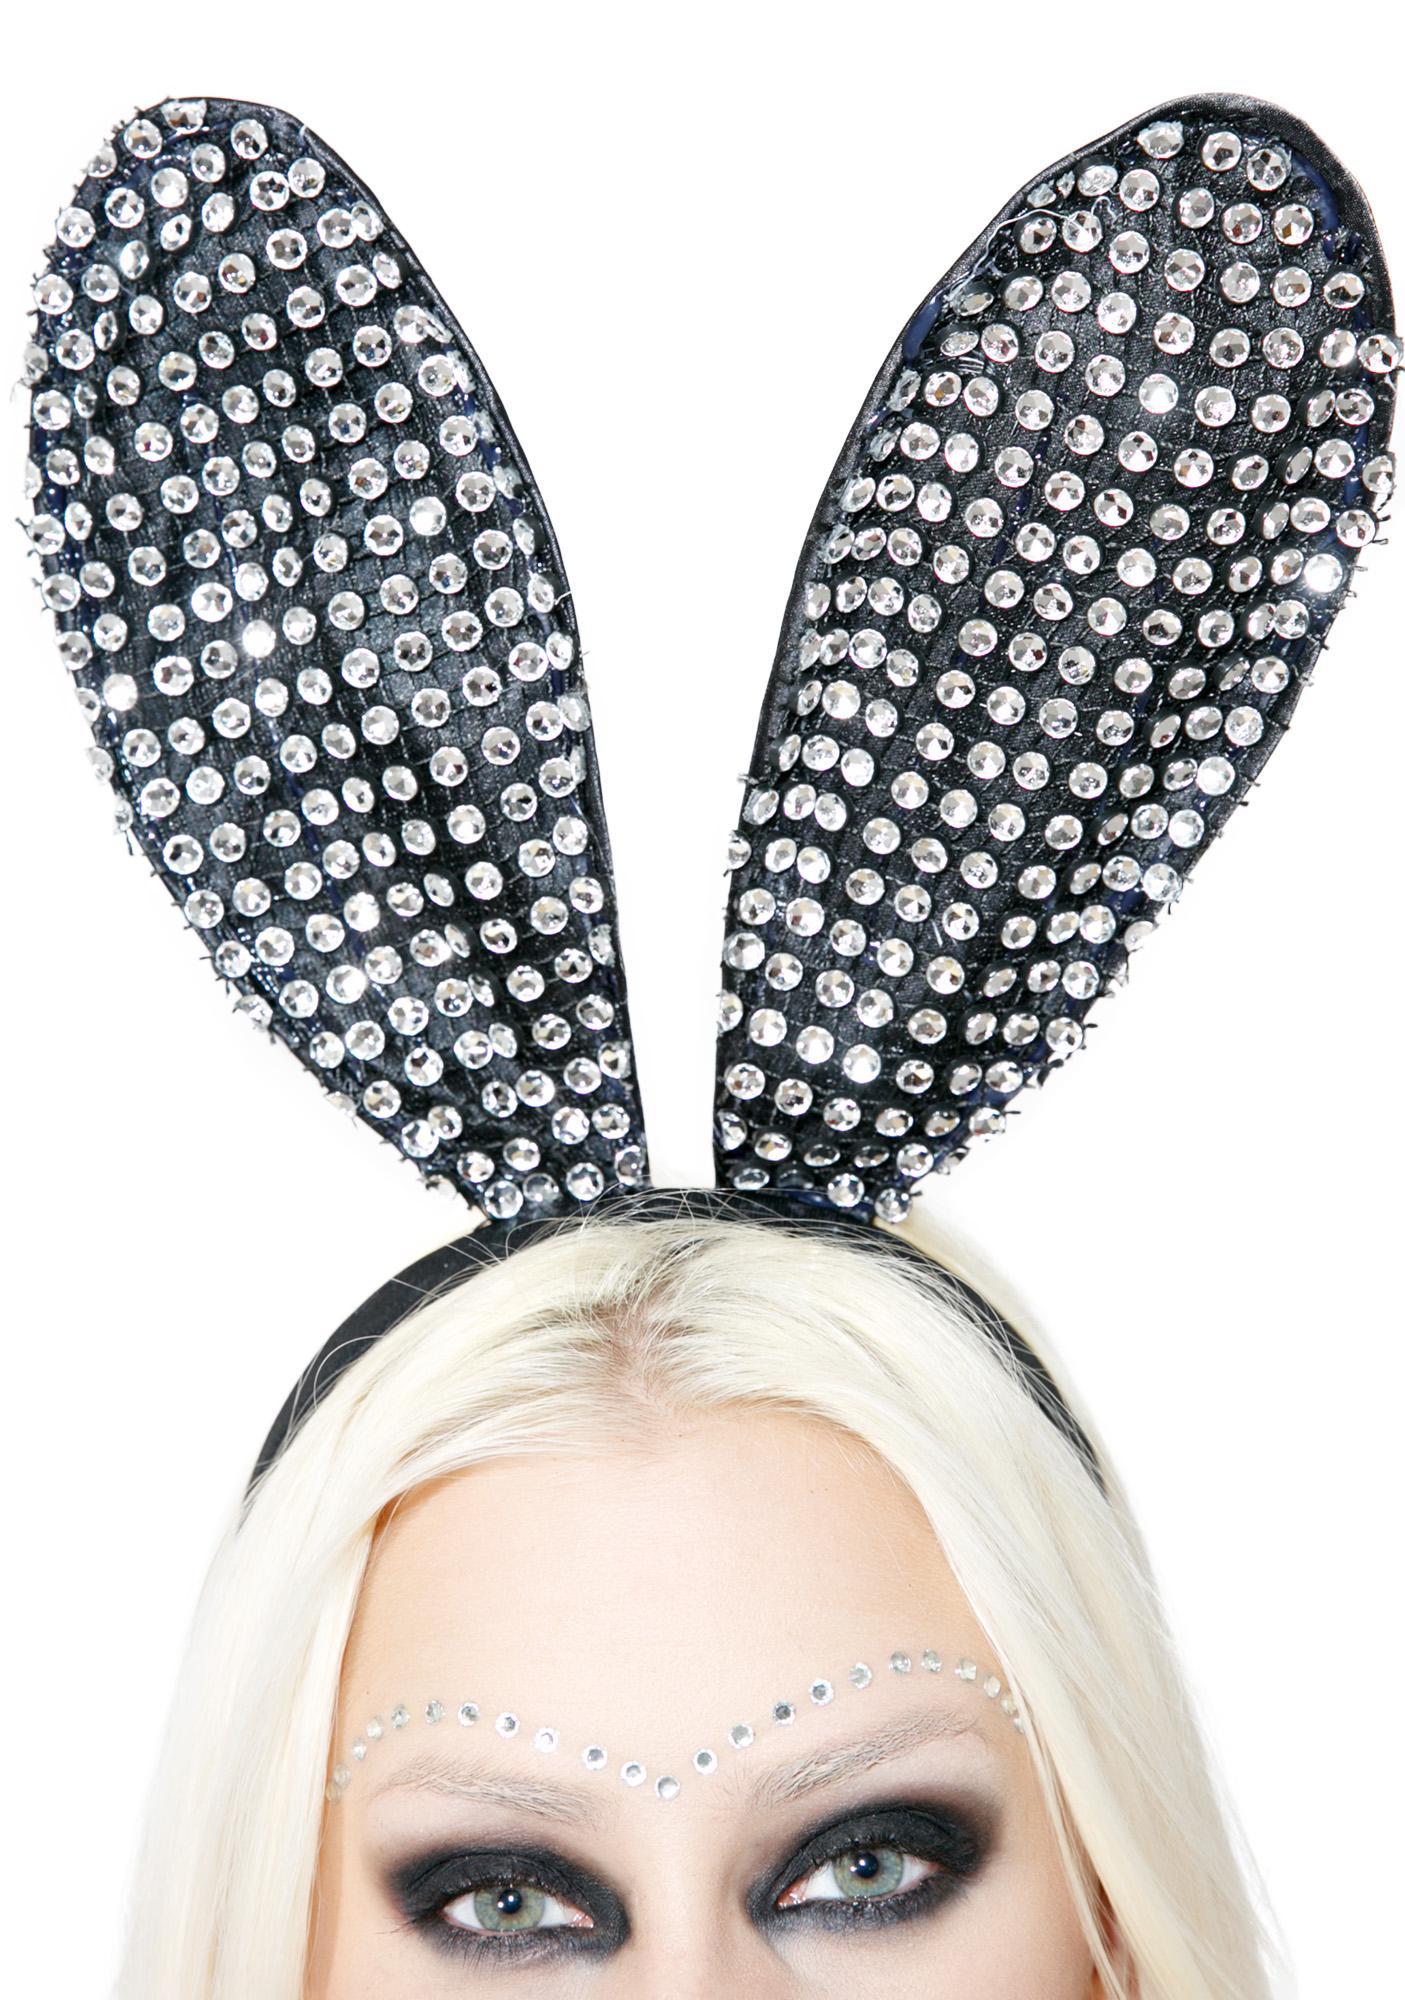 Bling Bunny Ears